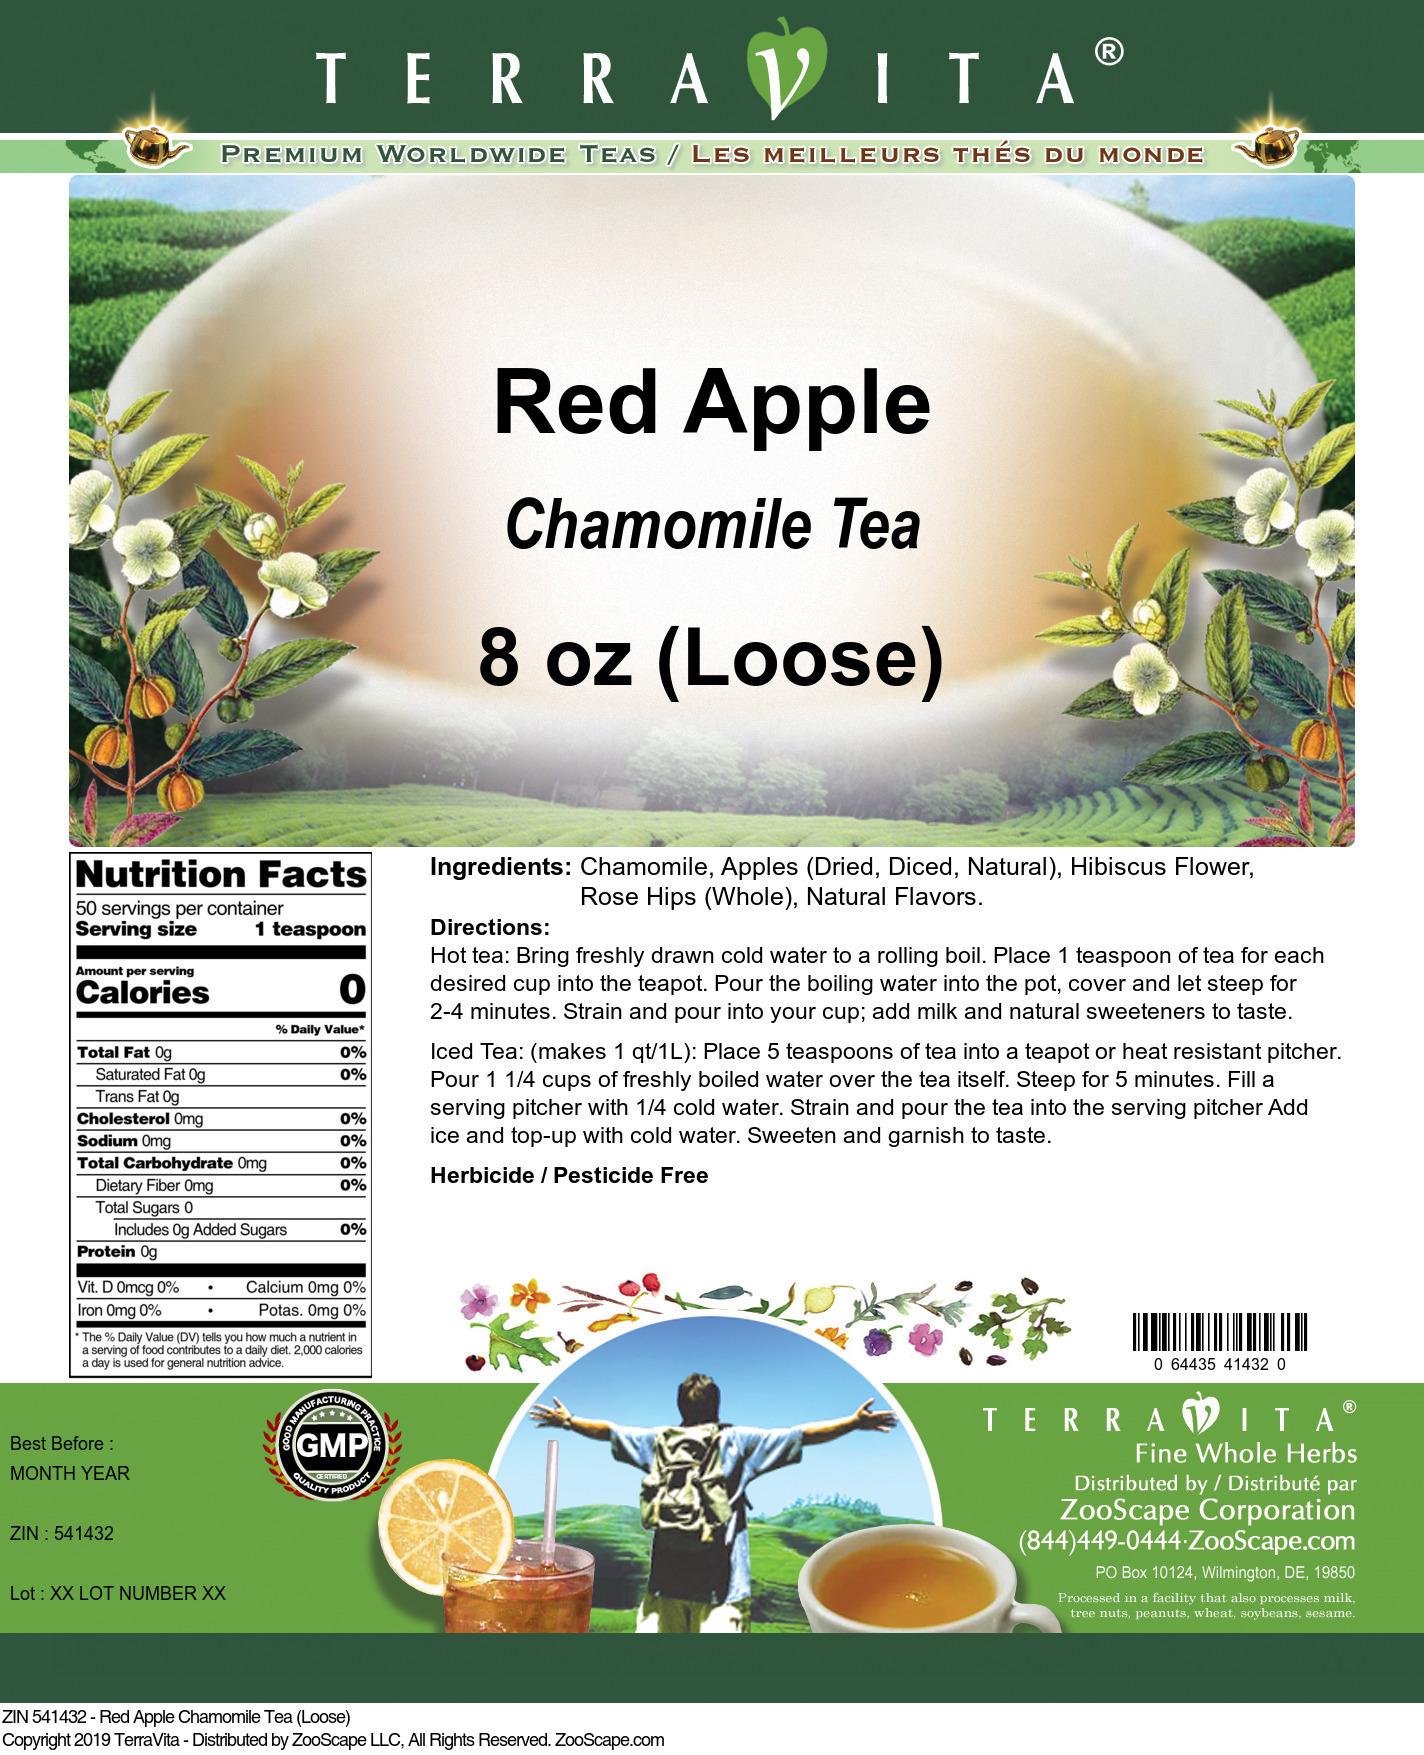 Red Apple Chamomile Tea